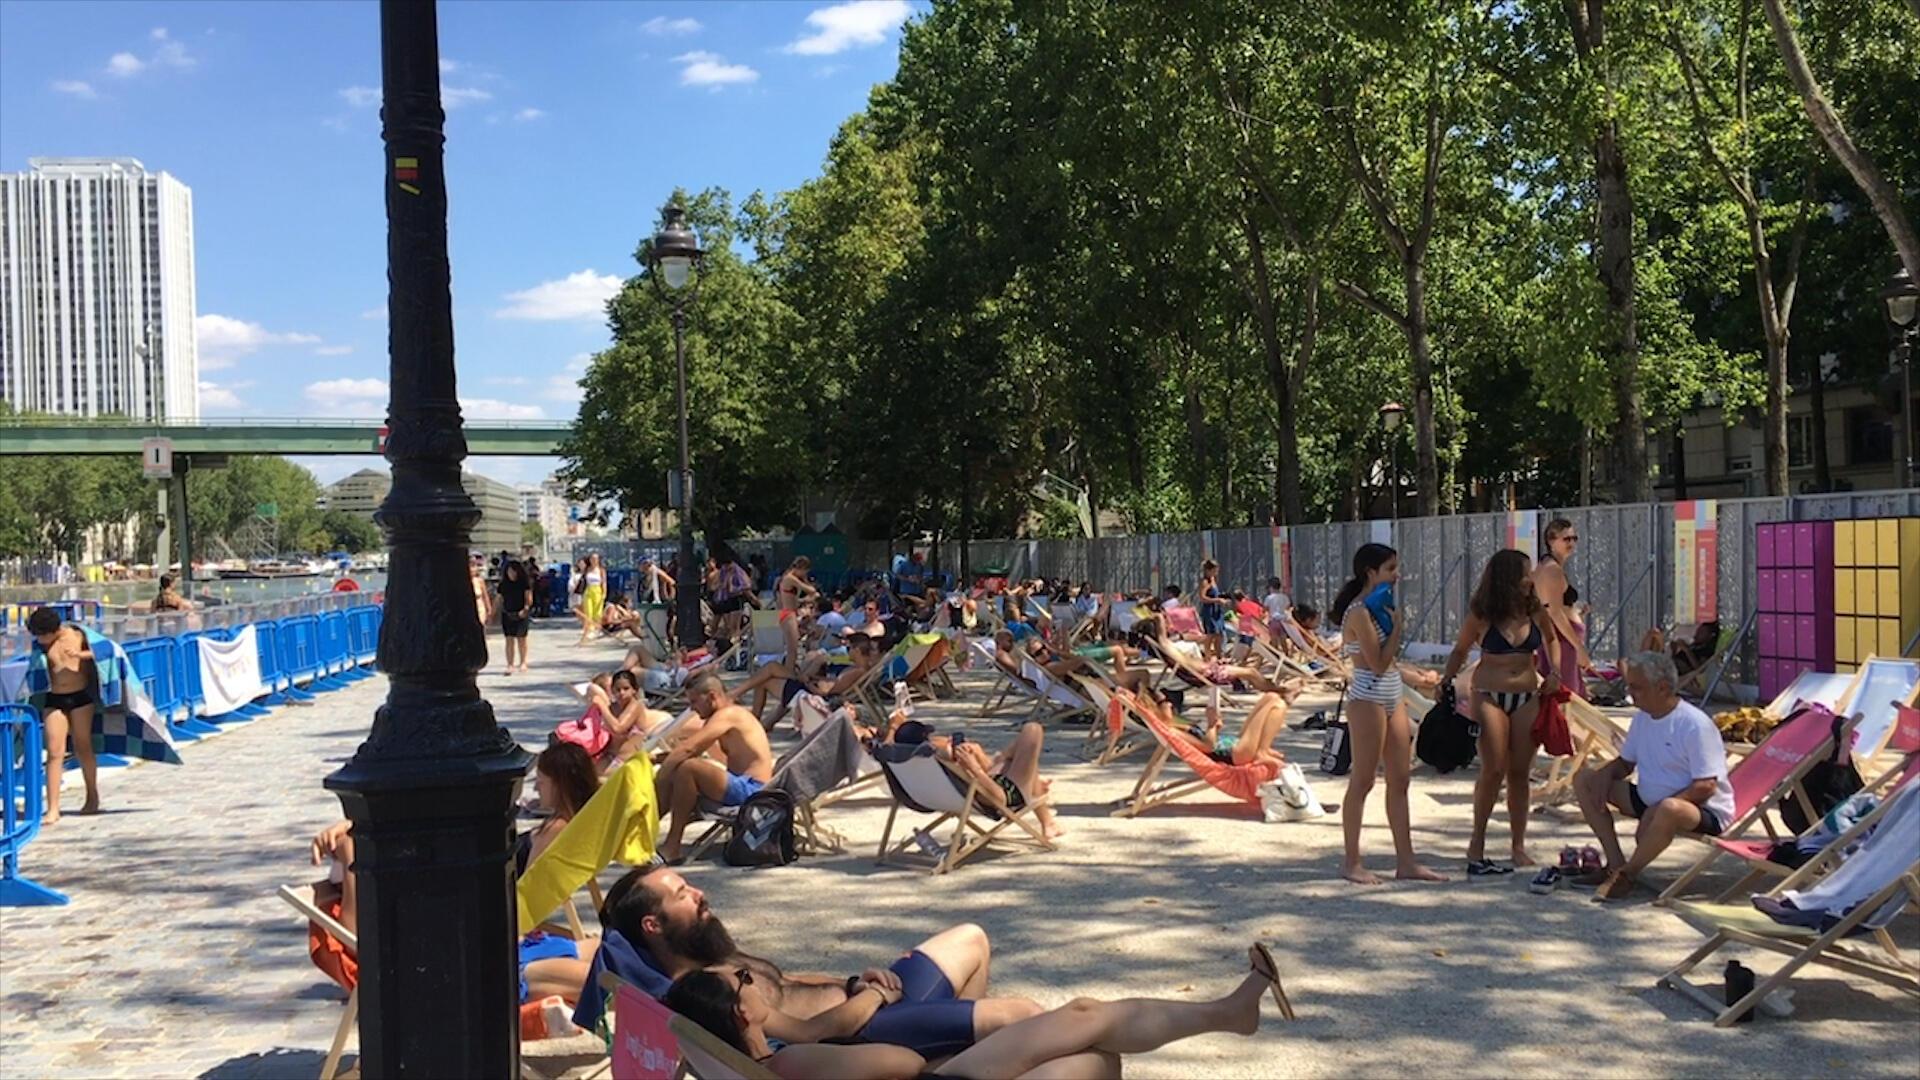 夏天,巴黎北部維萊特水池(Bassin de la Villette)邊,舉辦的巴黎沙灘中,市民悠閑地在躺椅上休息。